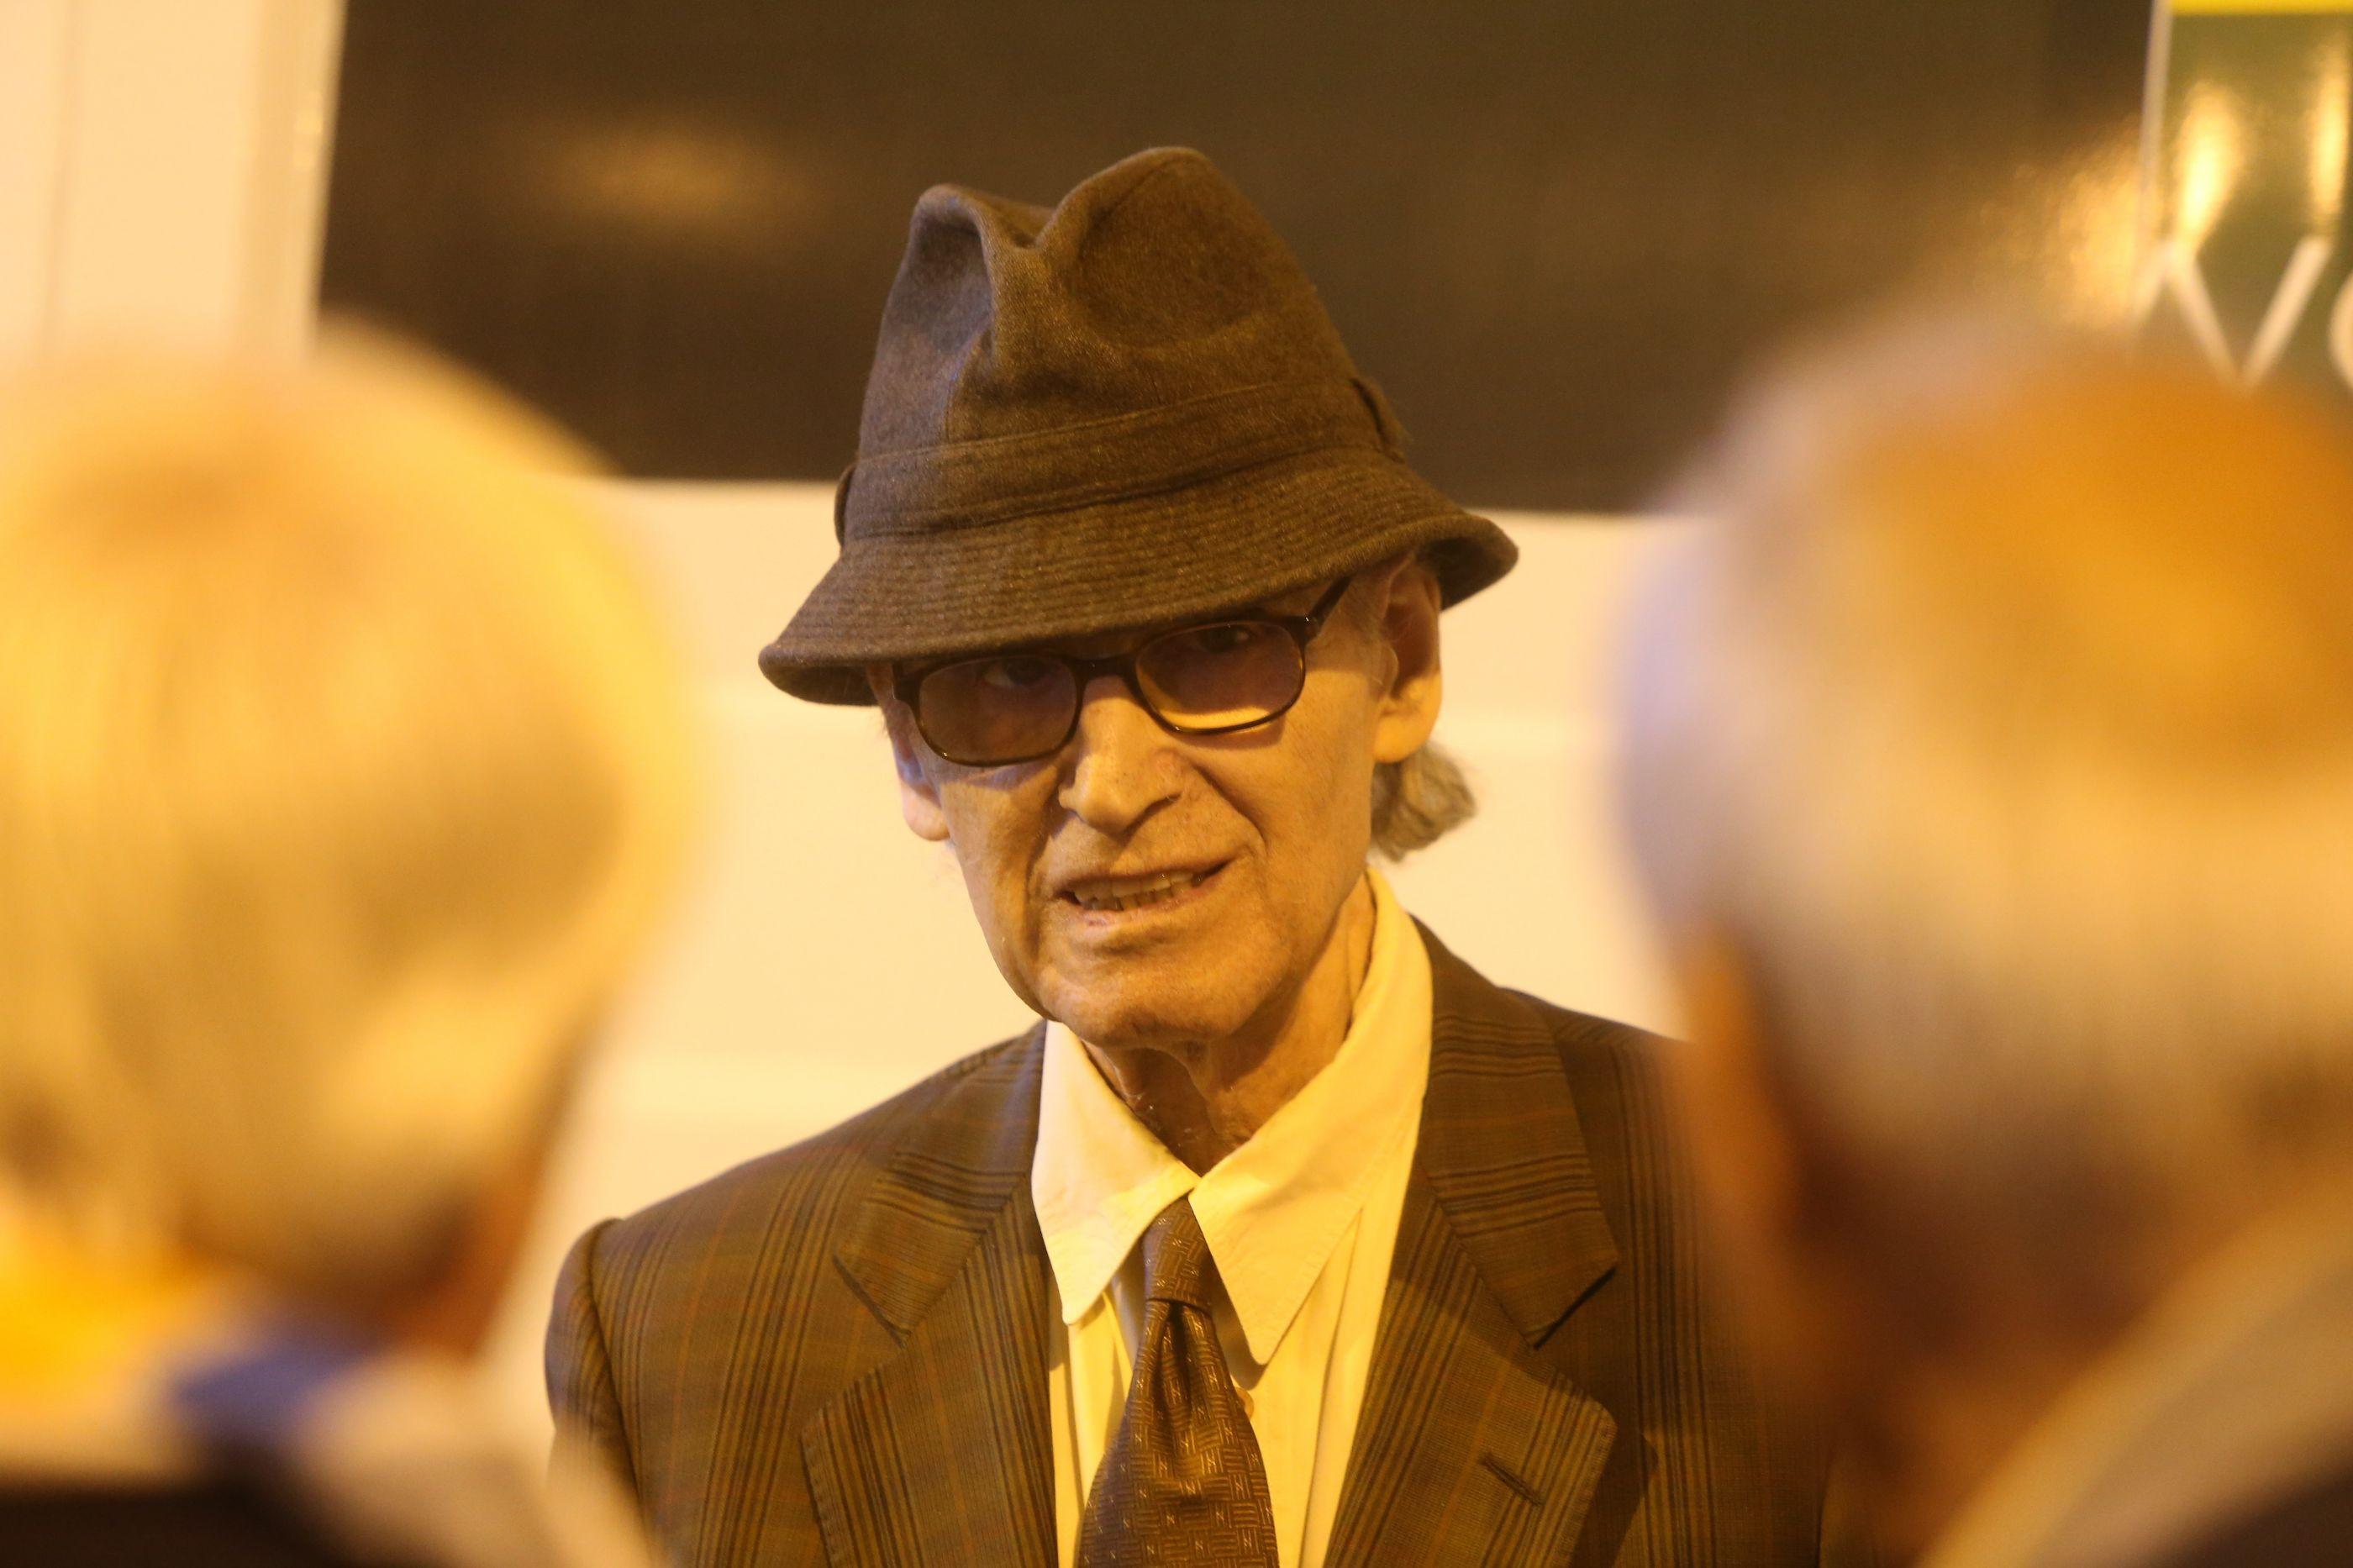 Morreu António Passos Coelho, pai do antigo primeiro-ministro